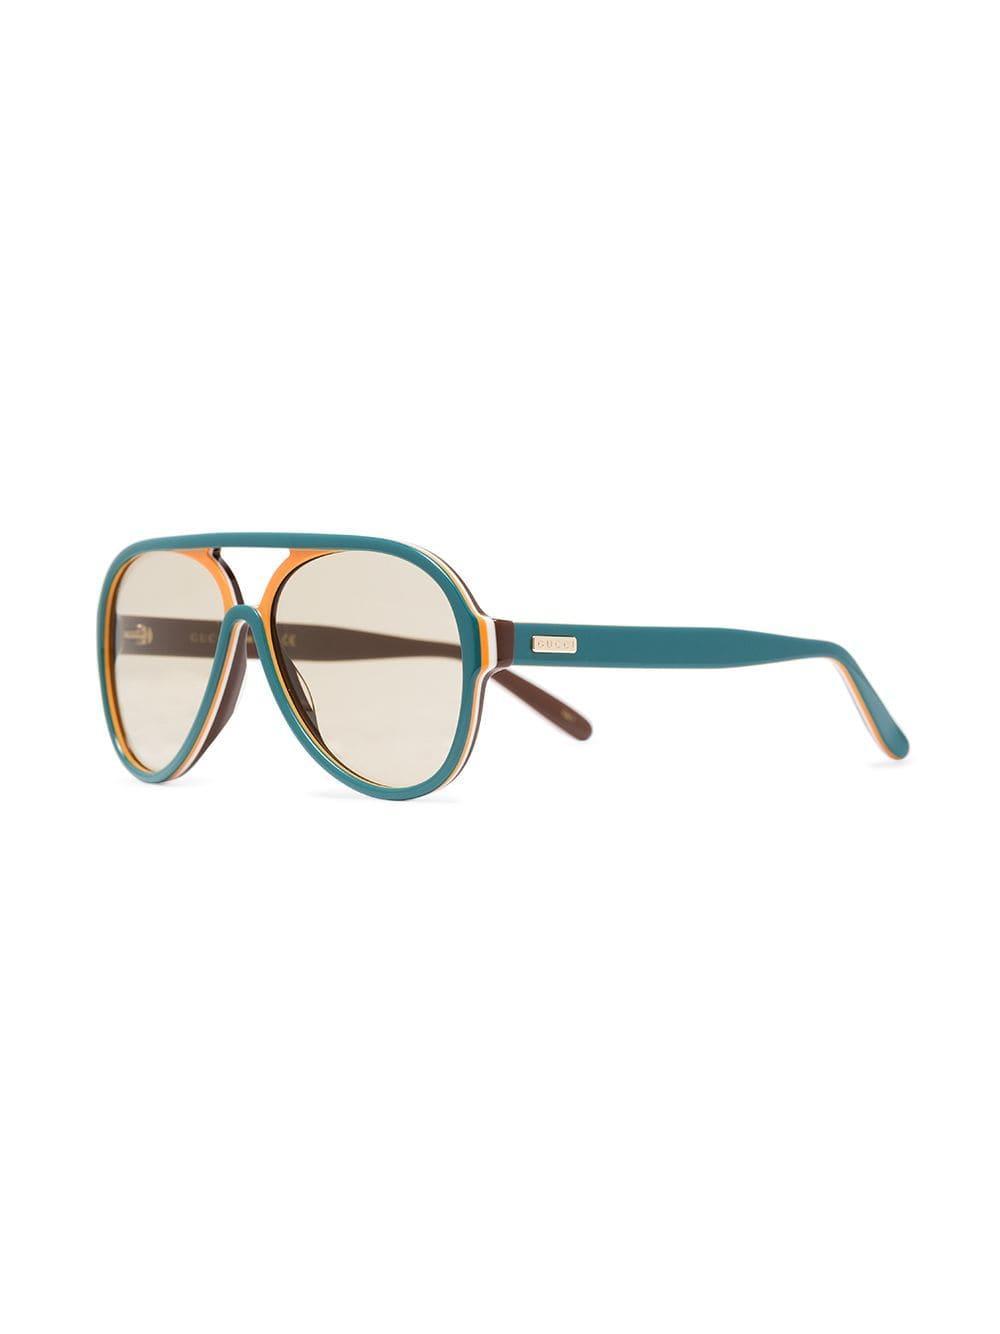 46598133cf1e Lyst - Gucci Multicoloured Gg0270s Aviator Sunglasses in Blue for Men